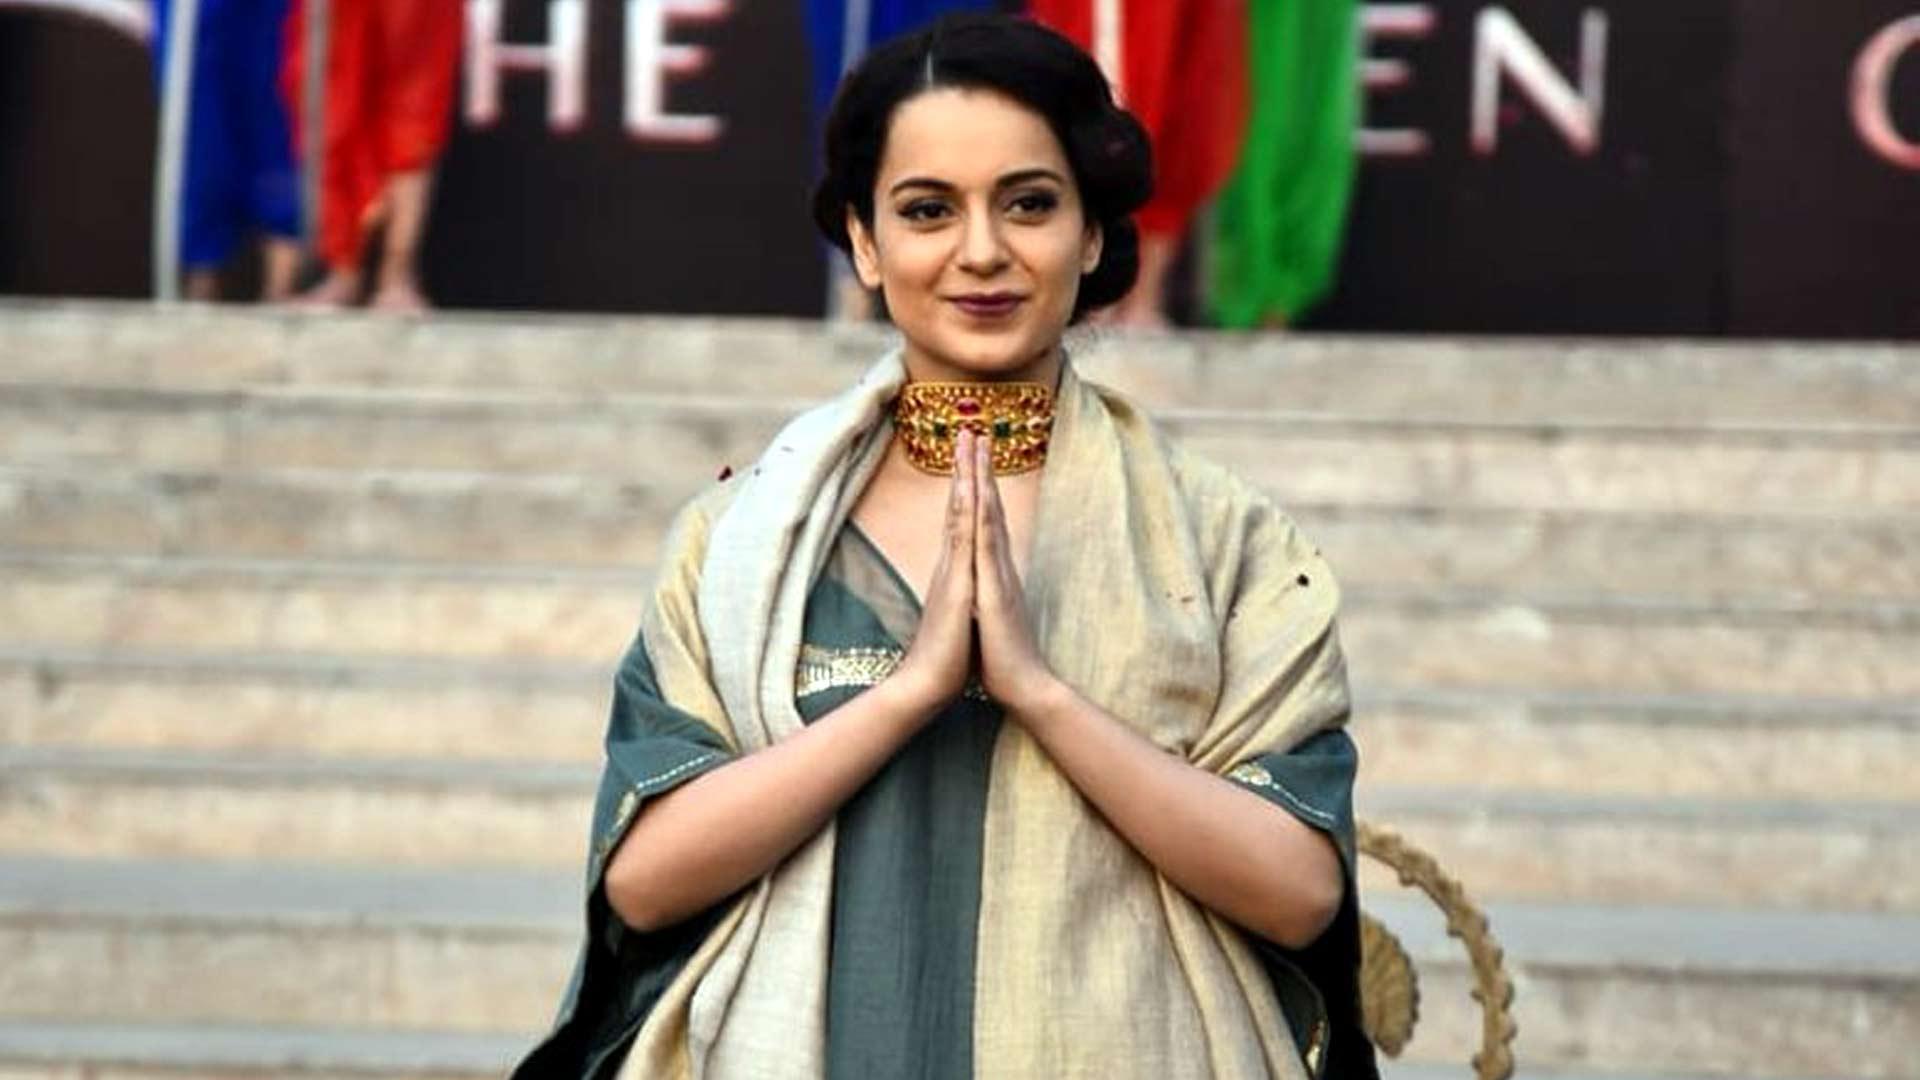 Video : देशभक्ति को समर्पित है 'मणिकर्णिका' का दूसरा गाना, कंगना बोलीं- 'भारत ये रहना चाहिए'